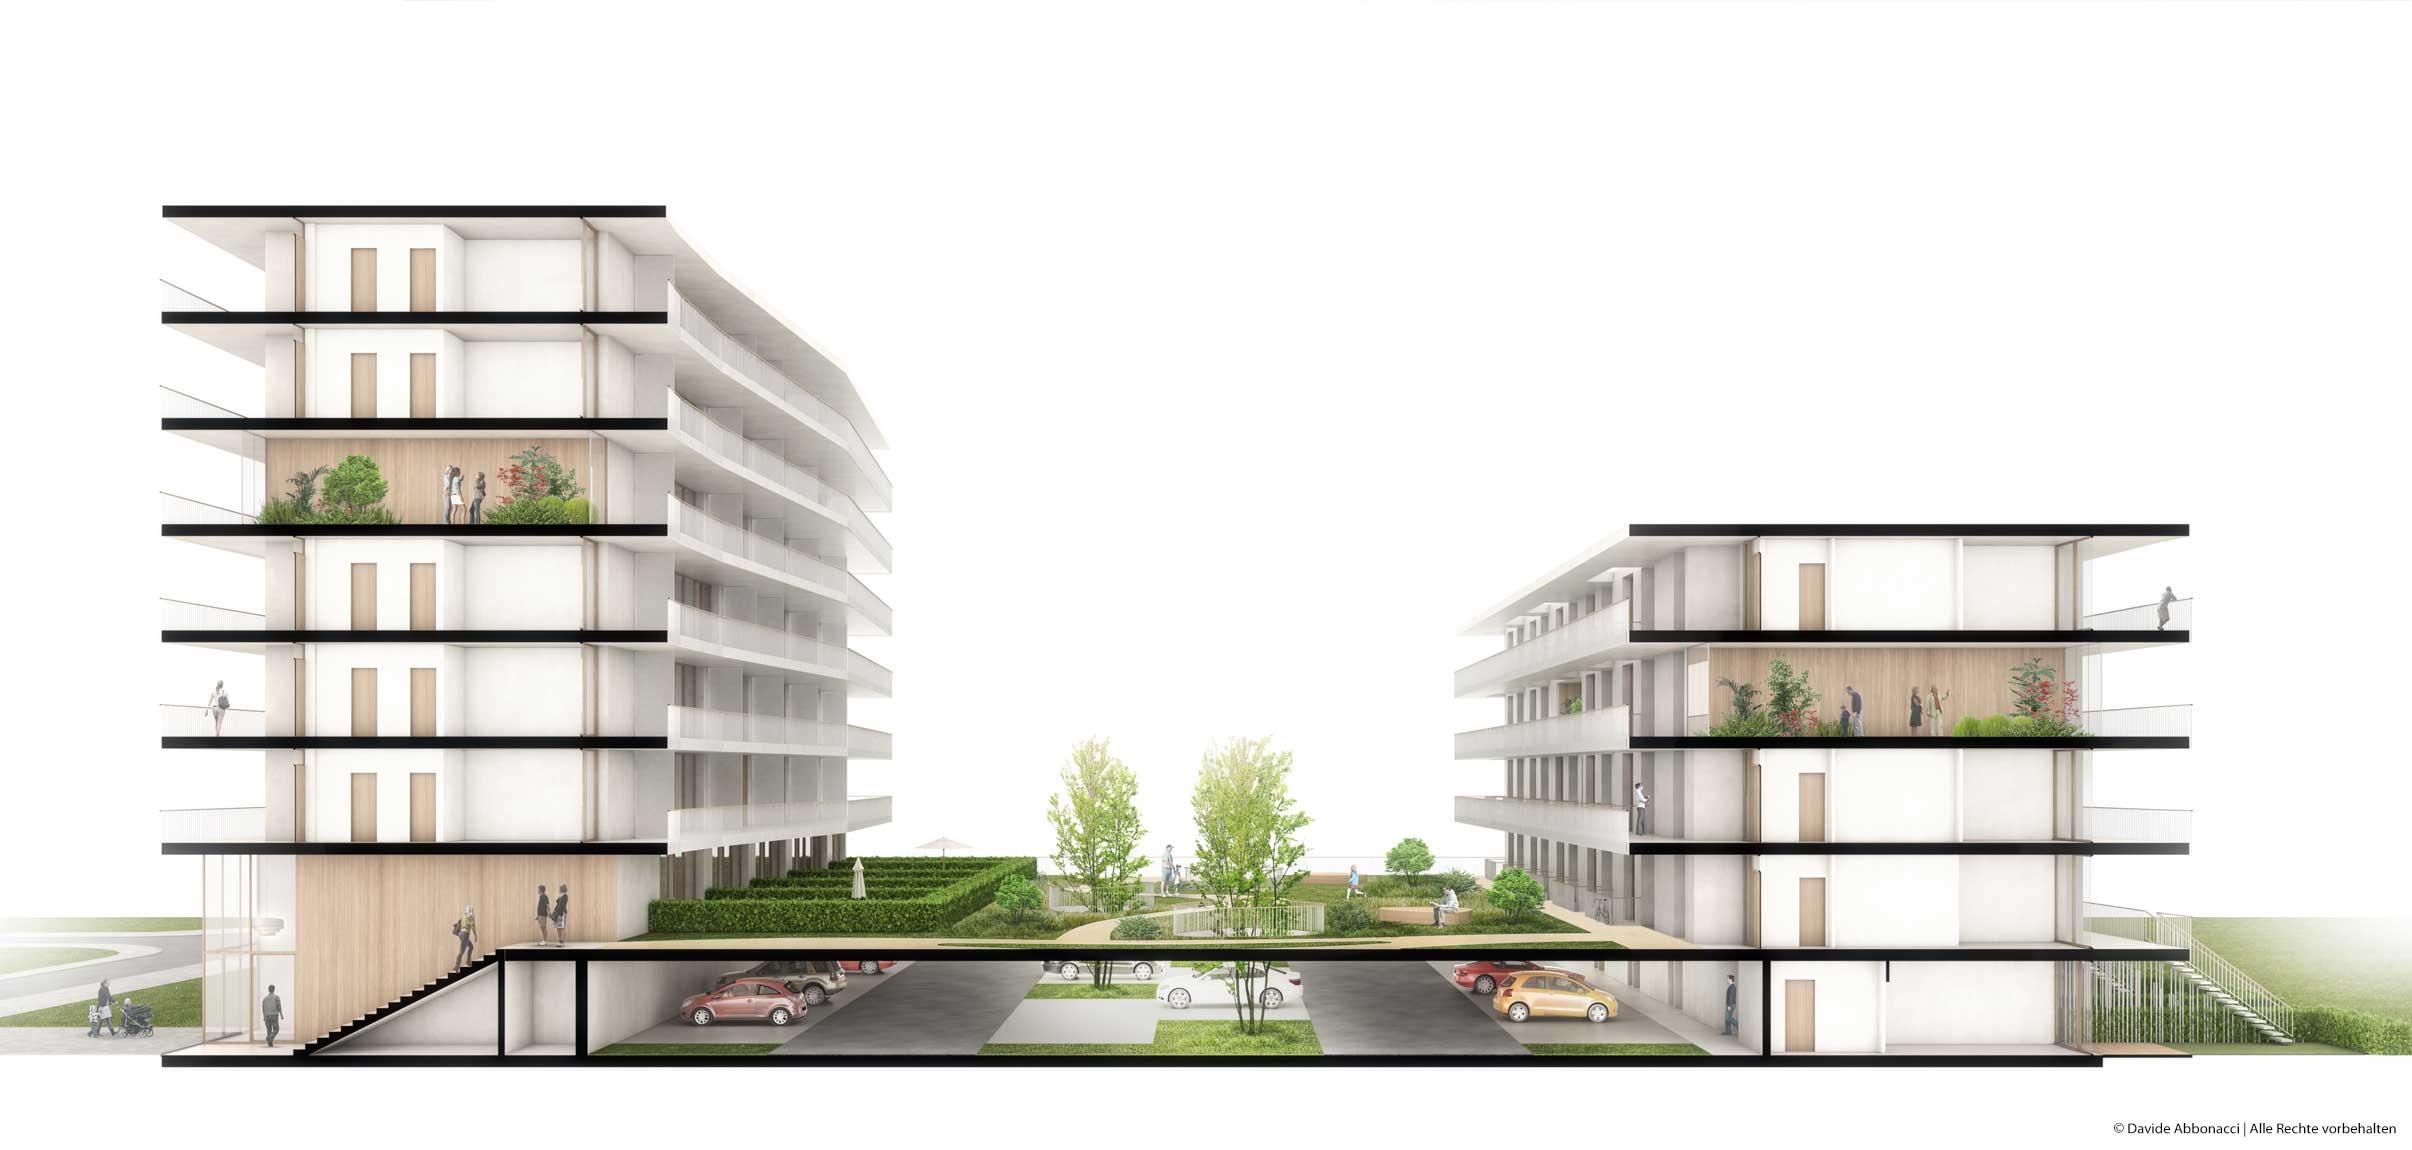 Wohnungsbau Weißenseer Weg 15, Berlin-Weißensee   brh Architekten + Ingenieure   2015 Wettbewerbsvisualisierung   1. Preis